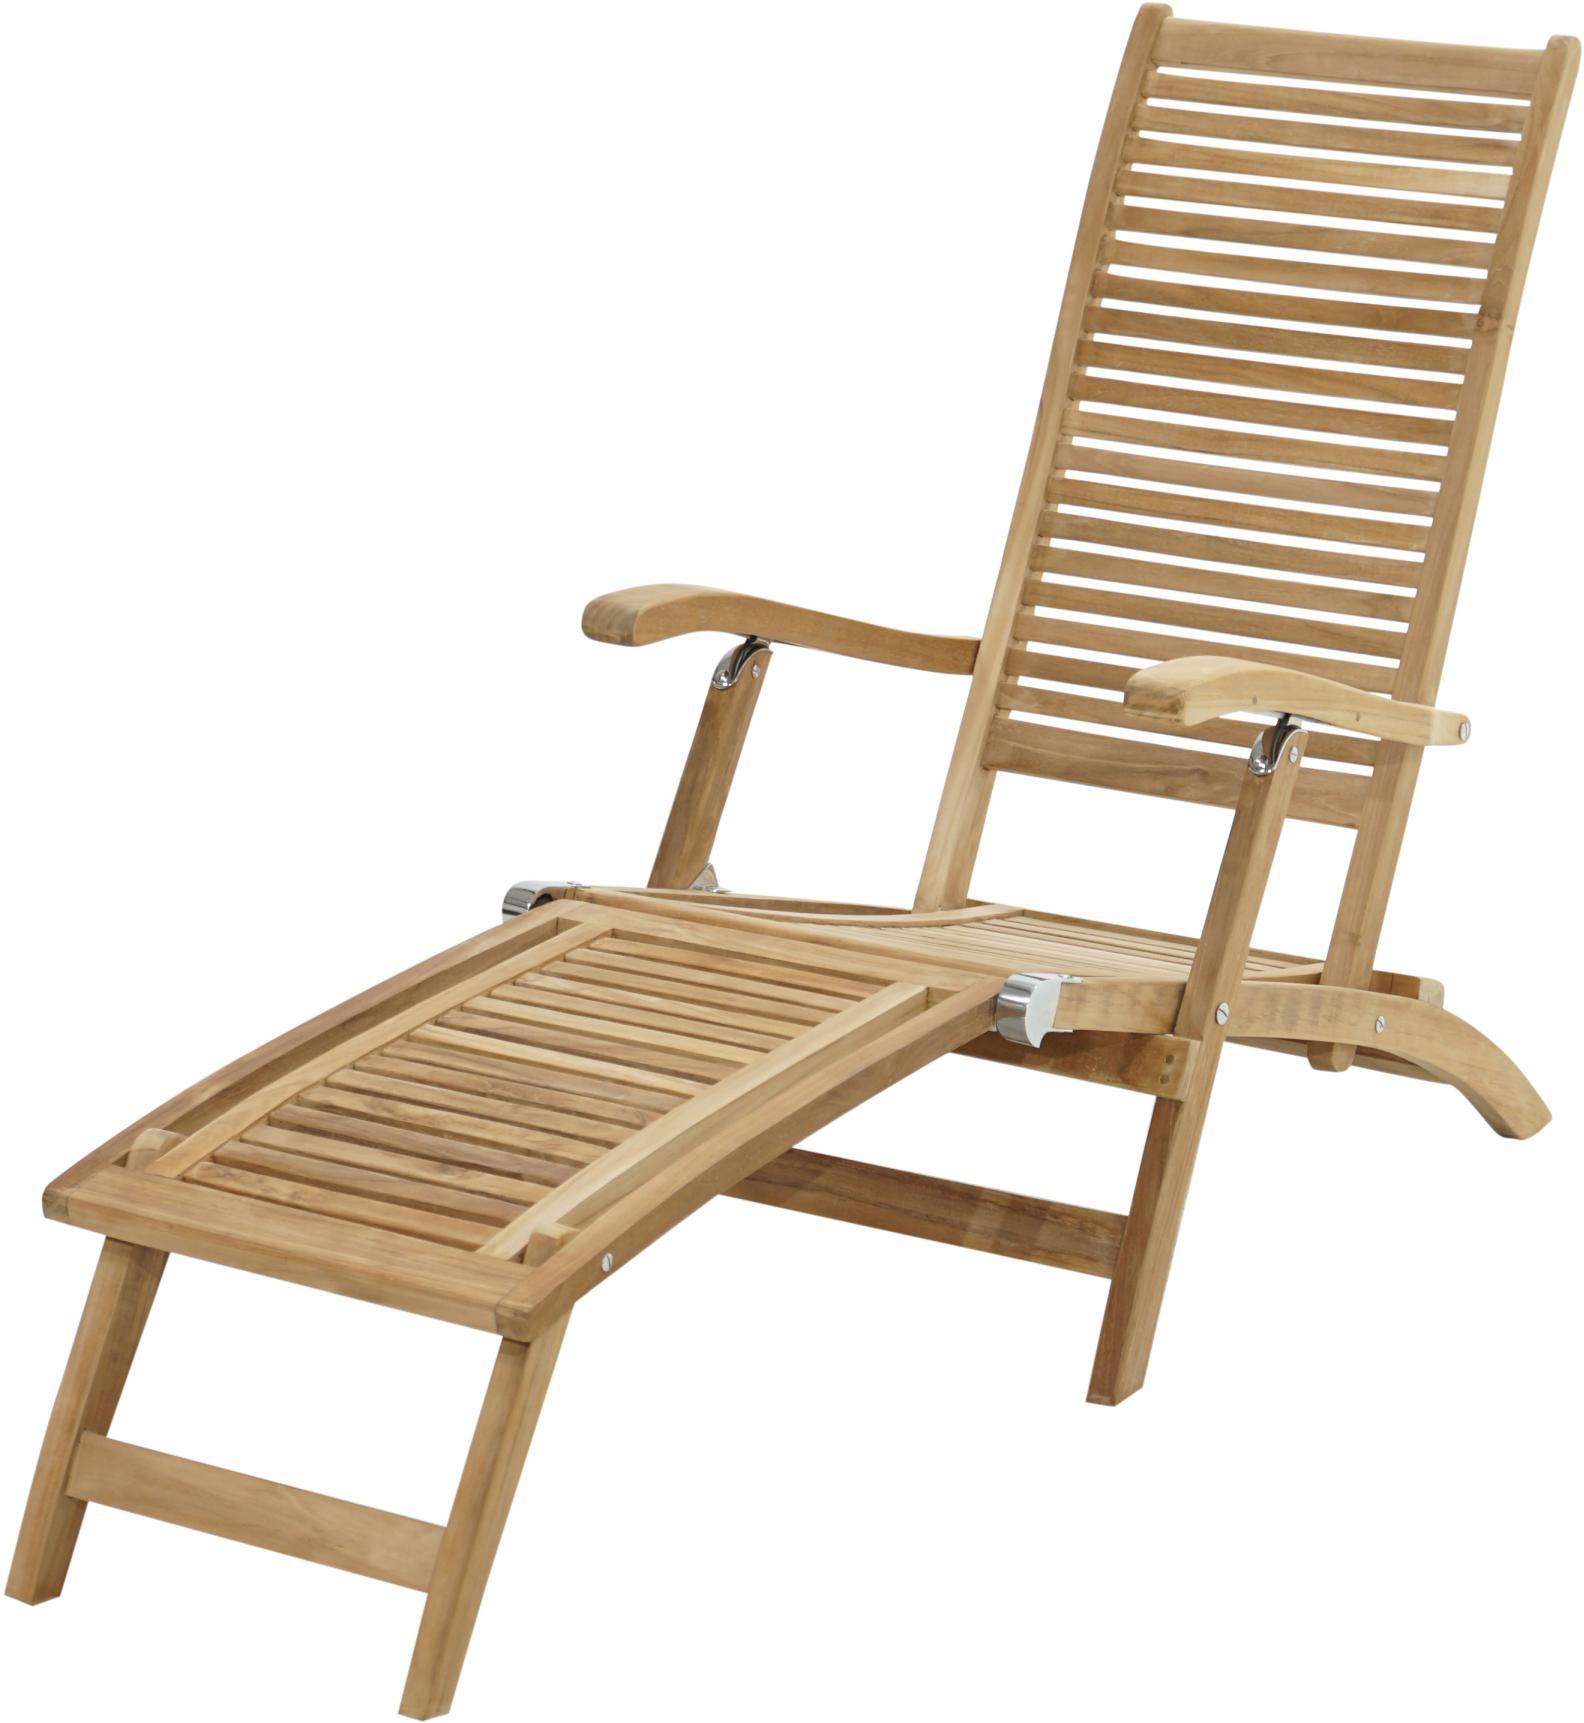 Ploß Deckchairs